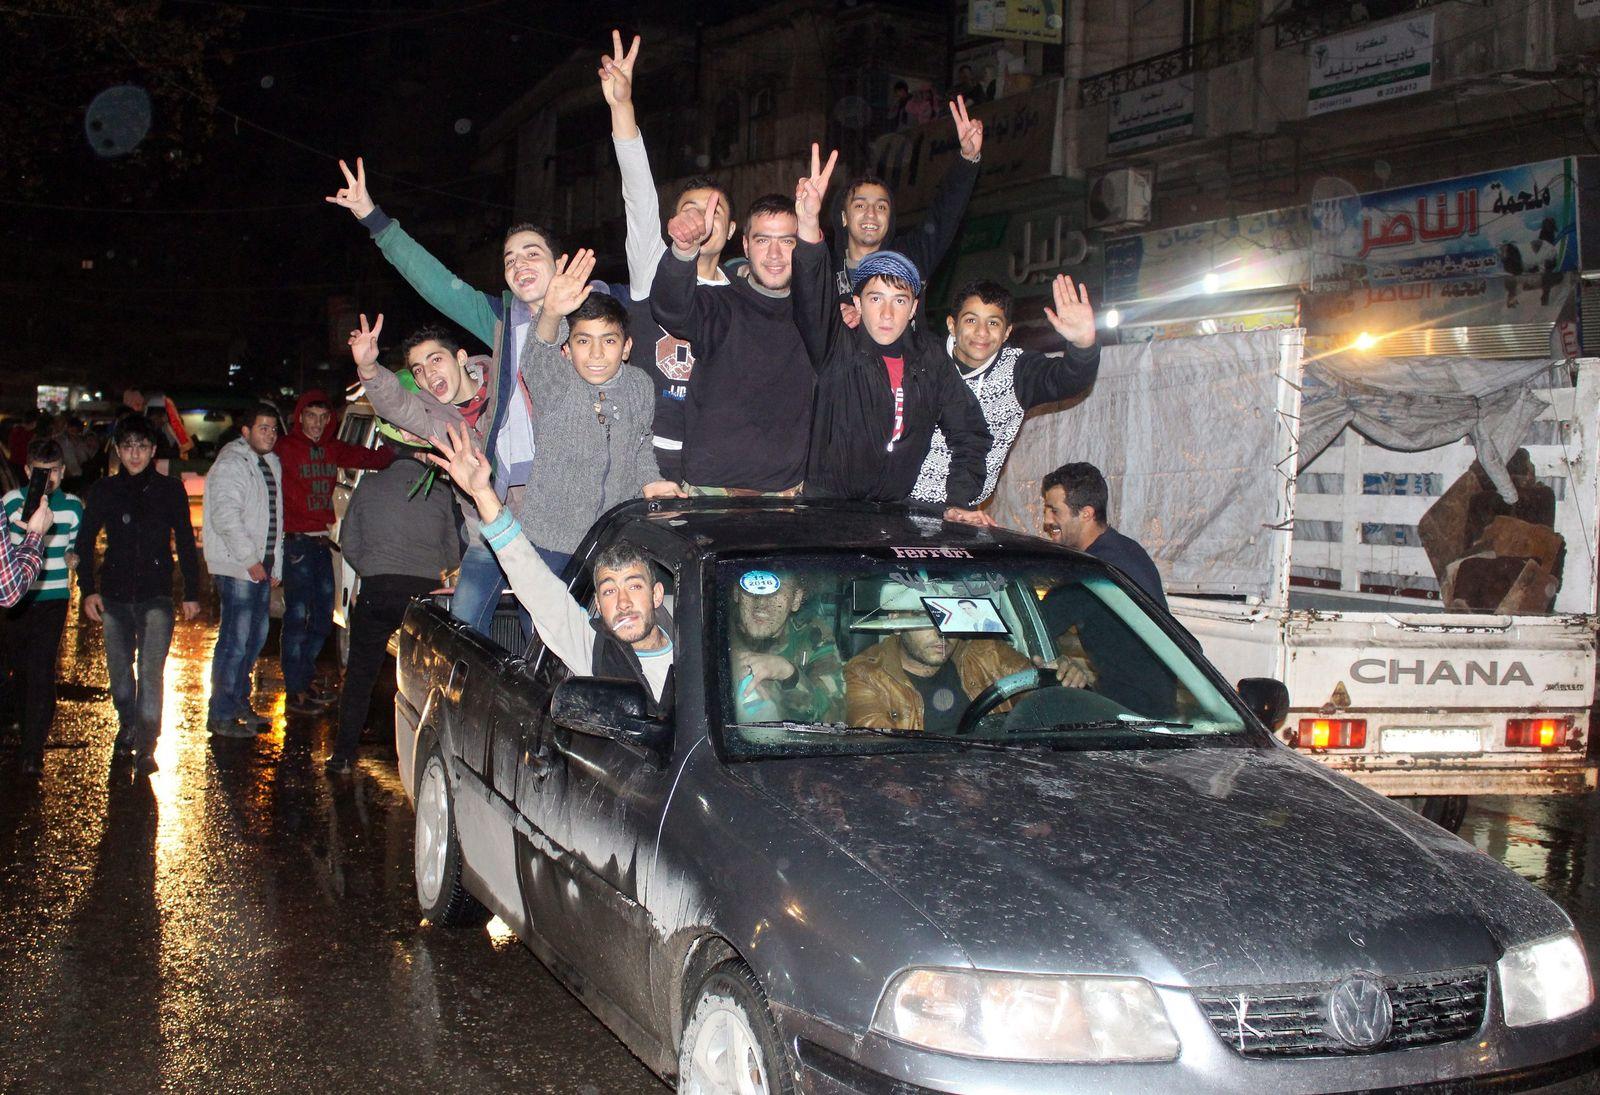 Syrien/ Aleppo/ Freudenfeier